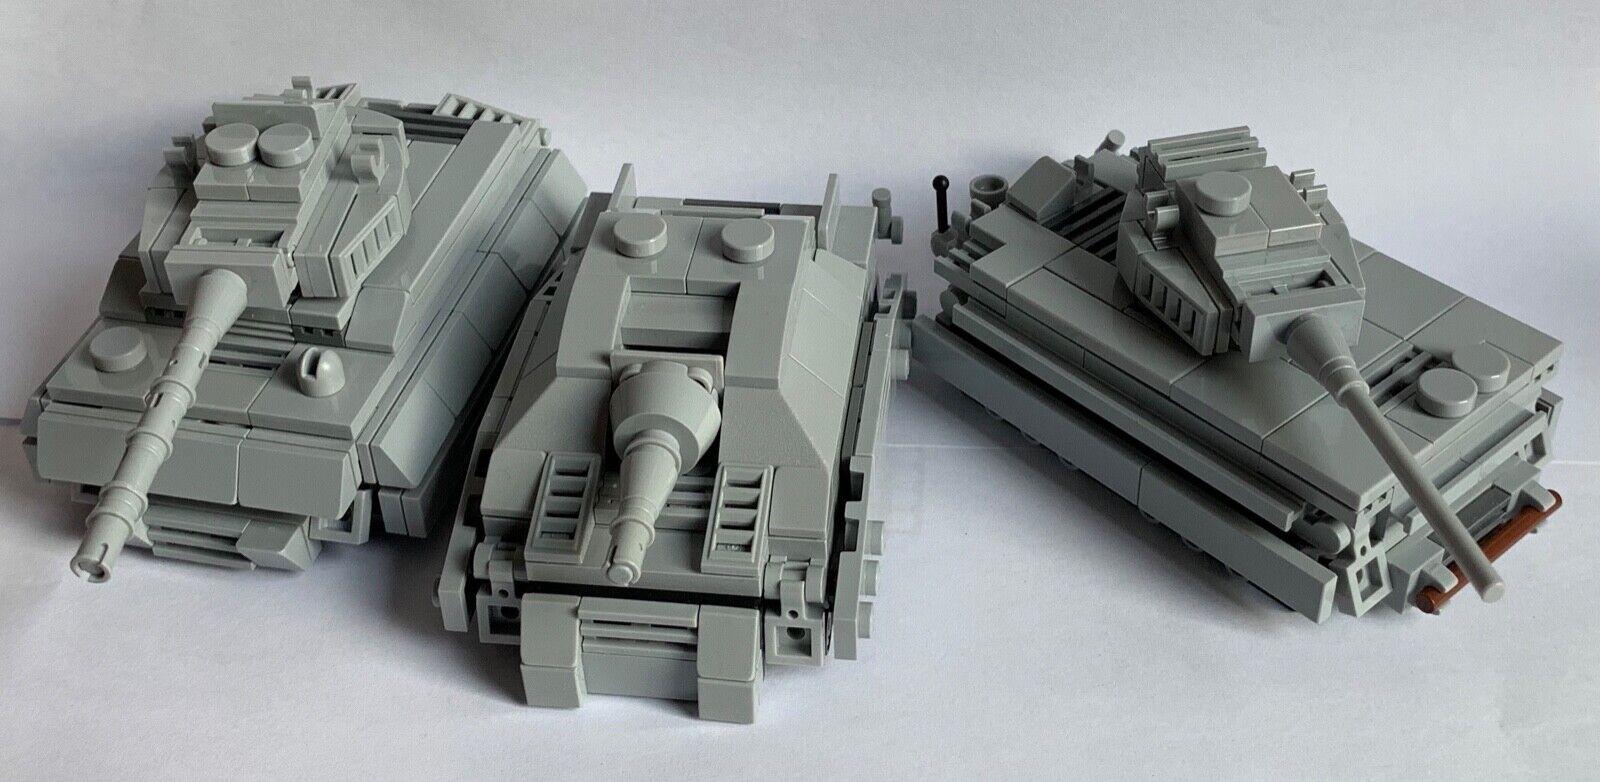 ORIGINALE Lego parti-Micro - 2 tigre serbatoio + 1  STURMTIGER-La mia progettazione personalizzati  edizione limitata a caldo